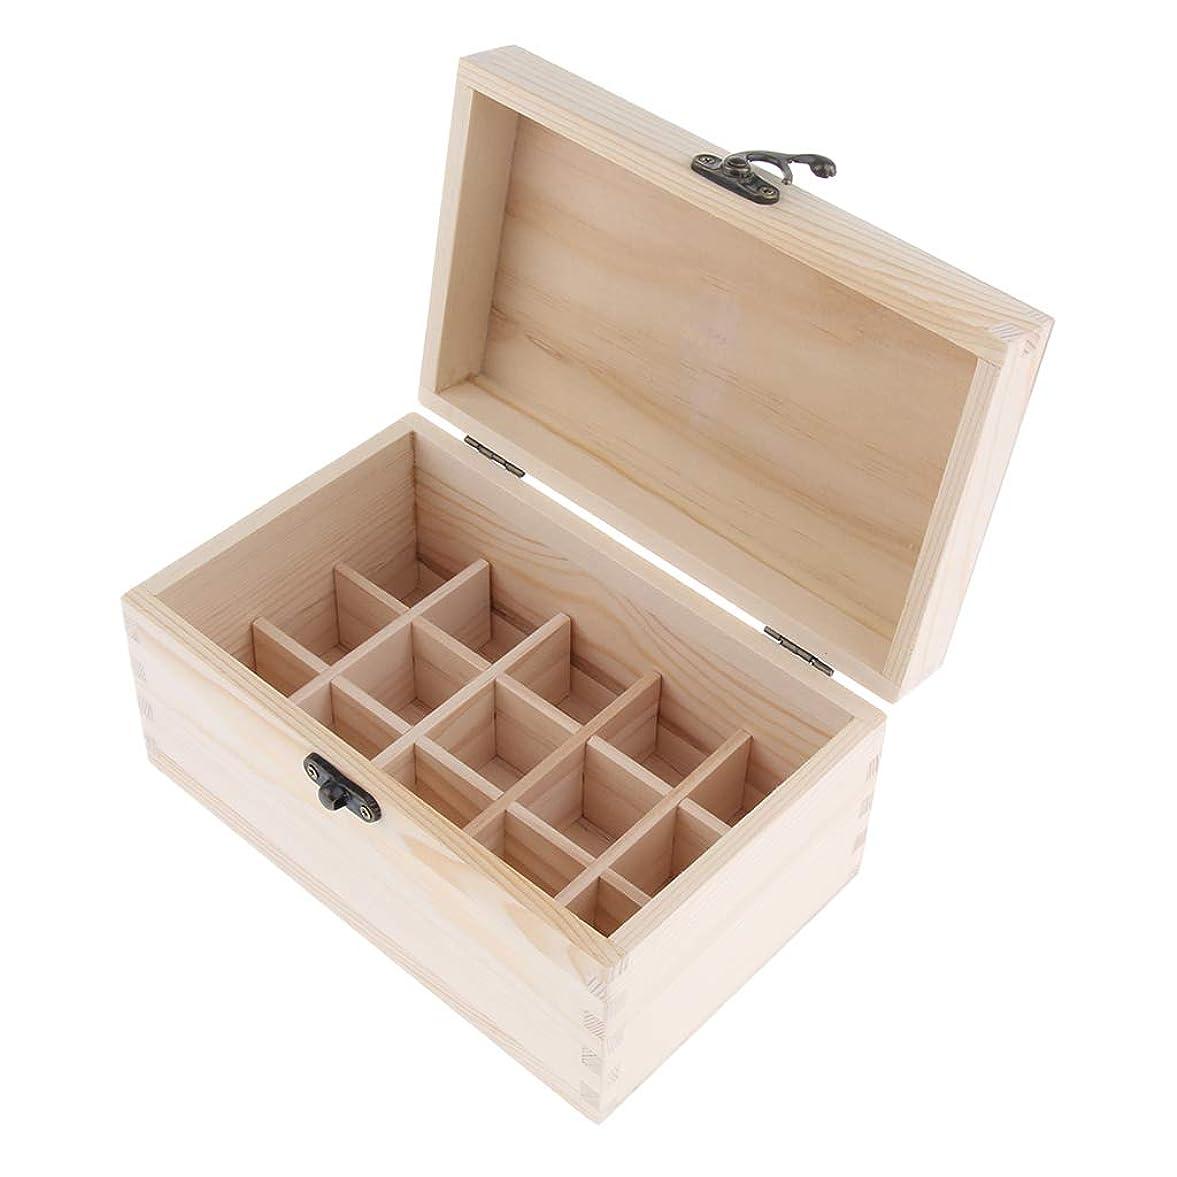 不足大工キノコsharprepublic エッセンシャルオイルケース 収納ボックス ディスプレイホルダー キャリーケース 15仕切り 木製